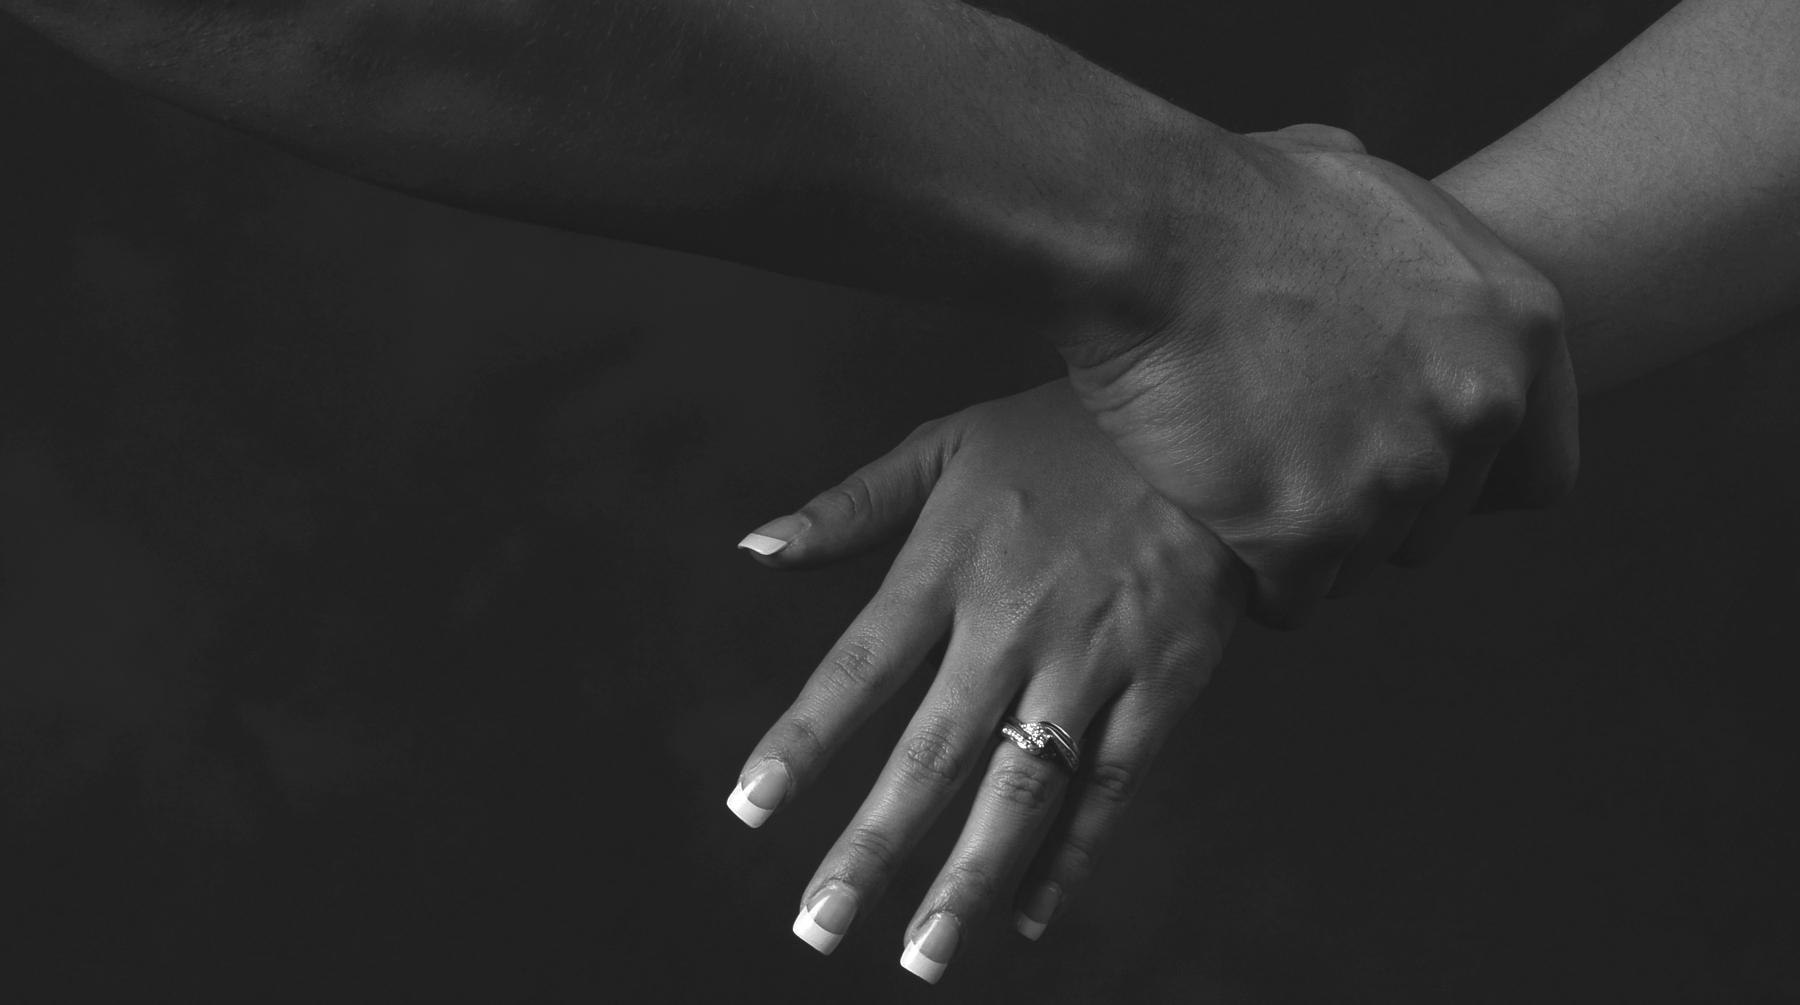 Violences faites aux femmes en 2018 : des chiffres en hausse